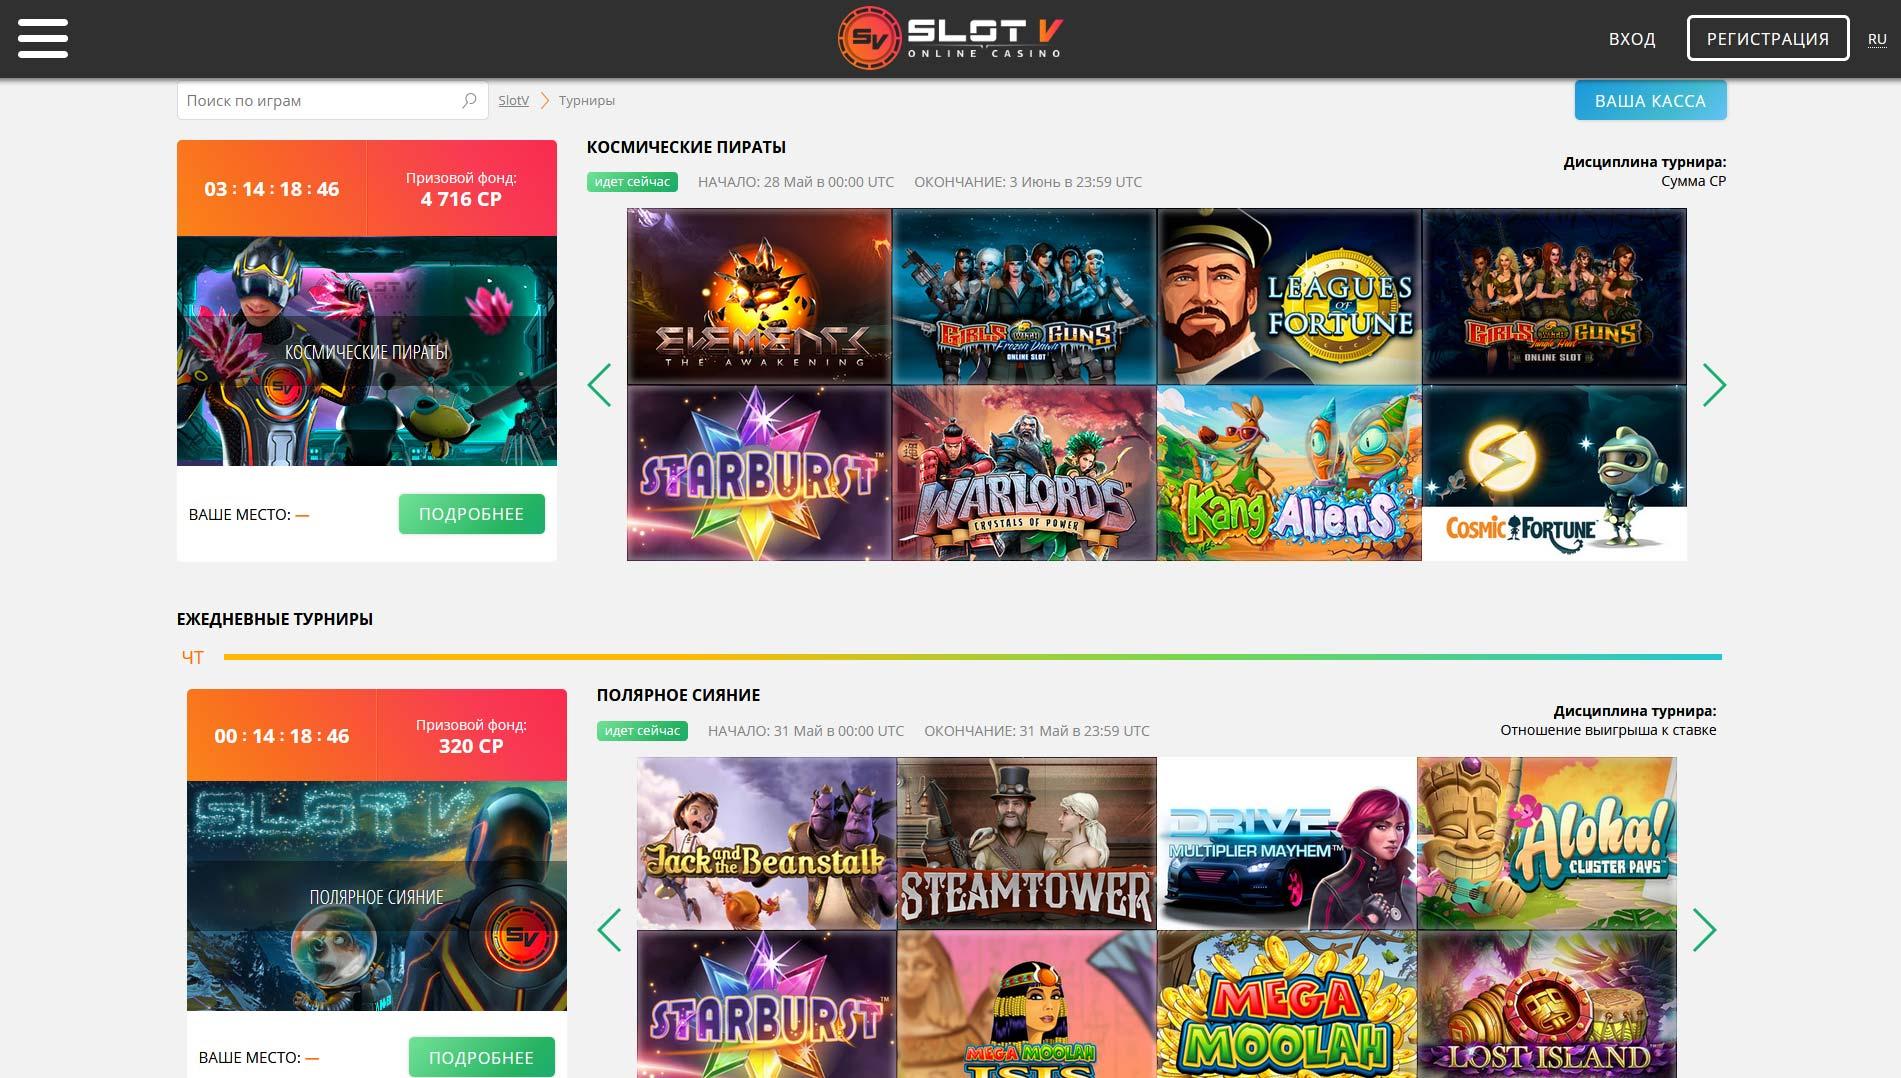 официальный сайт slot v casino промокод